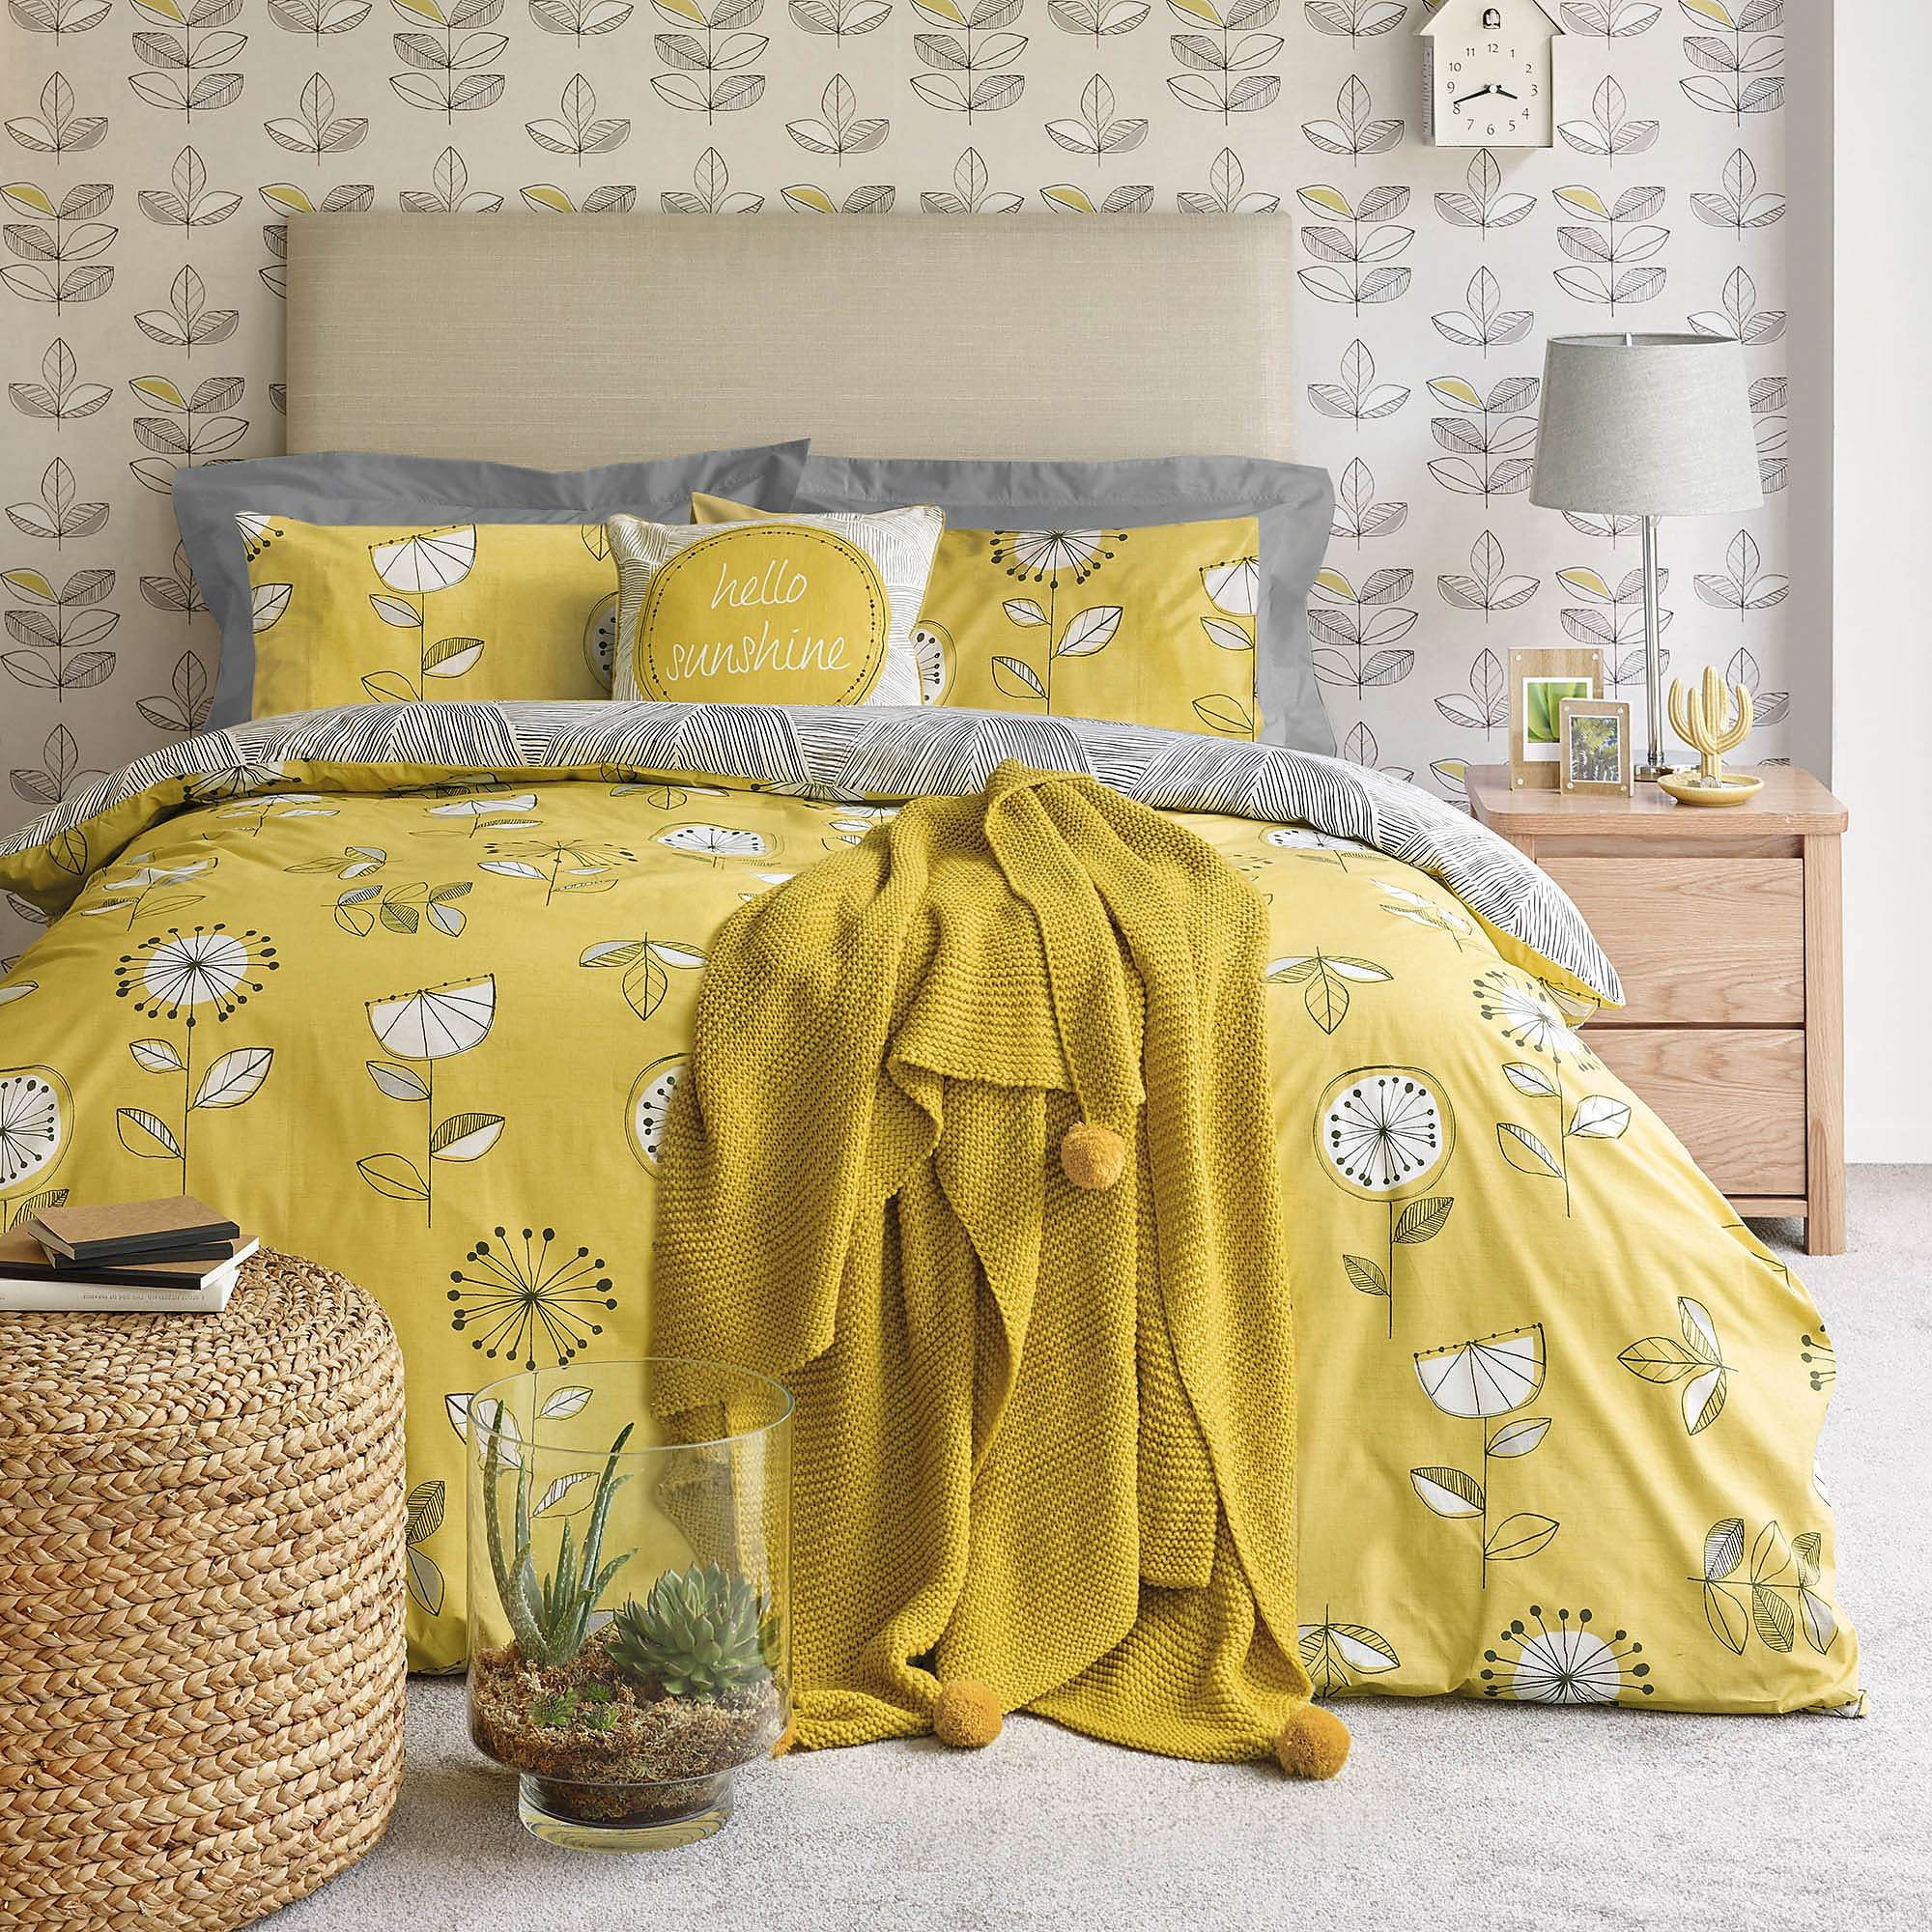 reviews wayfair madison piece pdx bed park castello bath comforter set signature yellow duvet